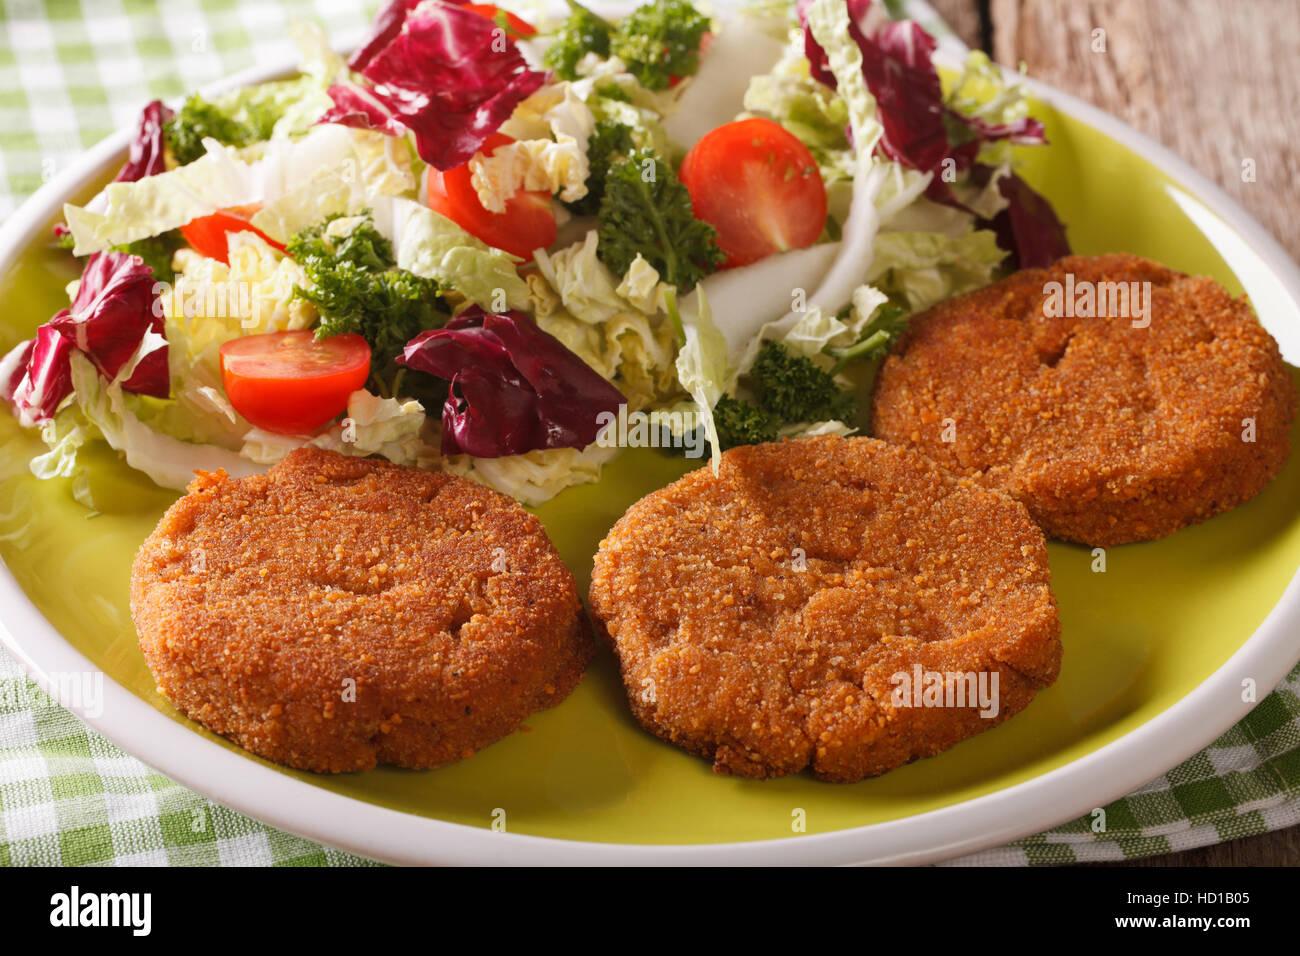 Alimentation Nourriture: escalopes carotte salade de légumes frais avec gros plan sur une assiette. L'horizontale Banque D'Images